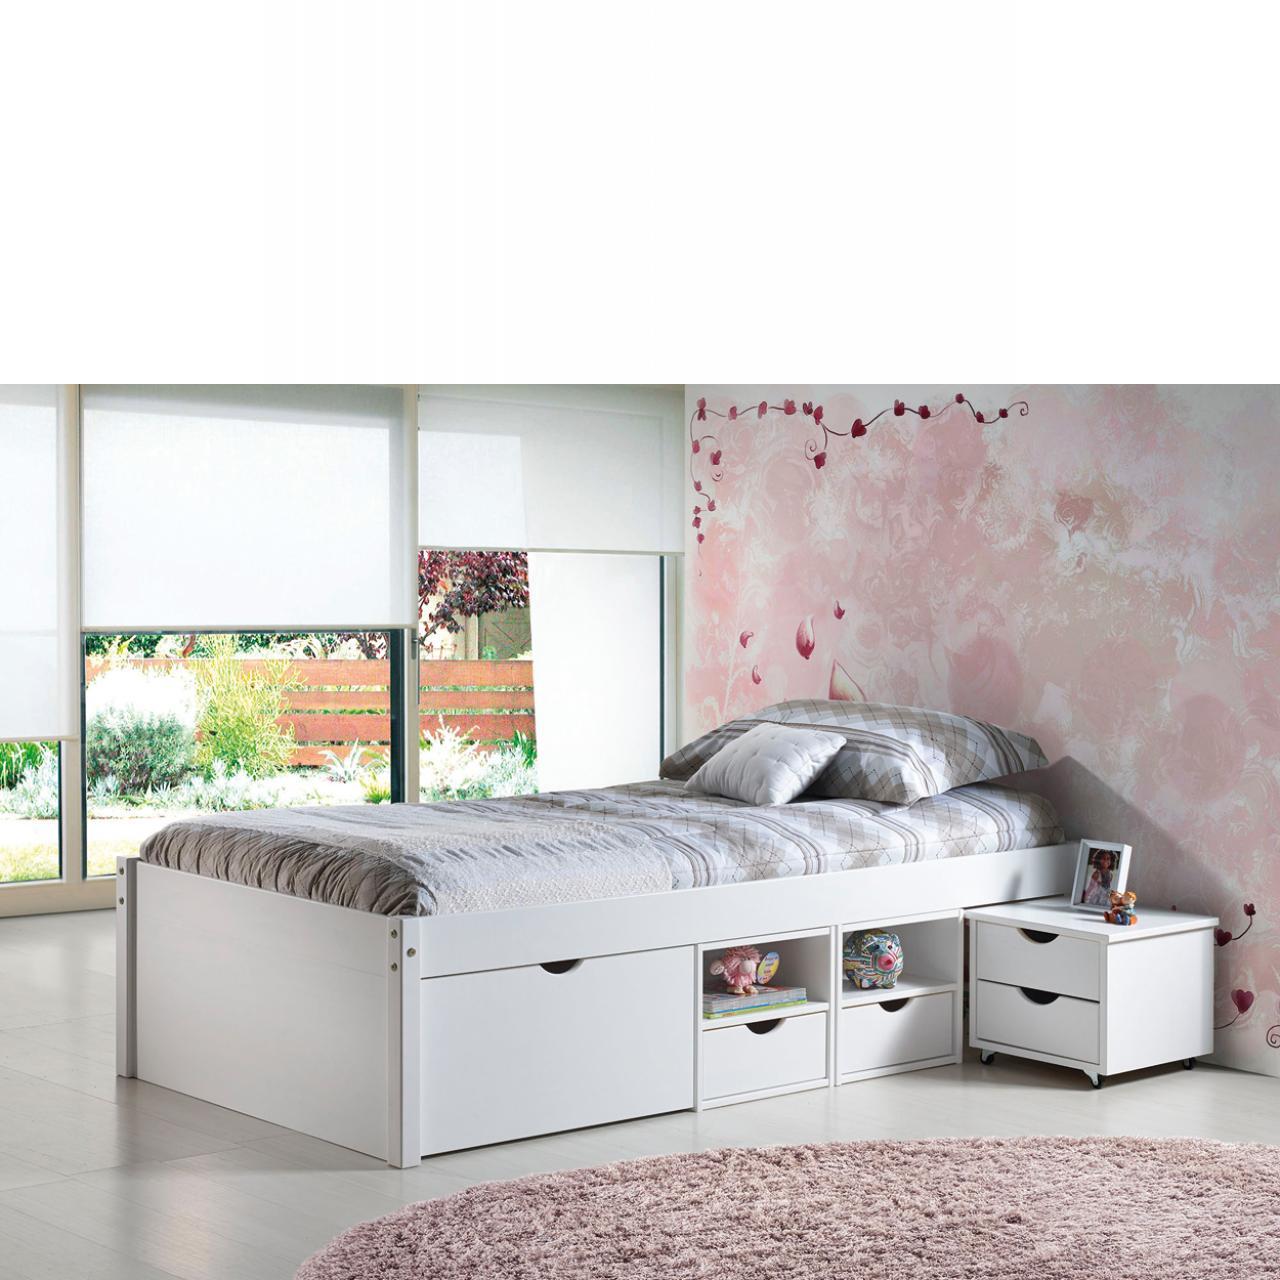 Bett Till Single weiß 90x200 cm Kinderbett mit Nachtkonsole